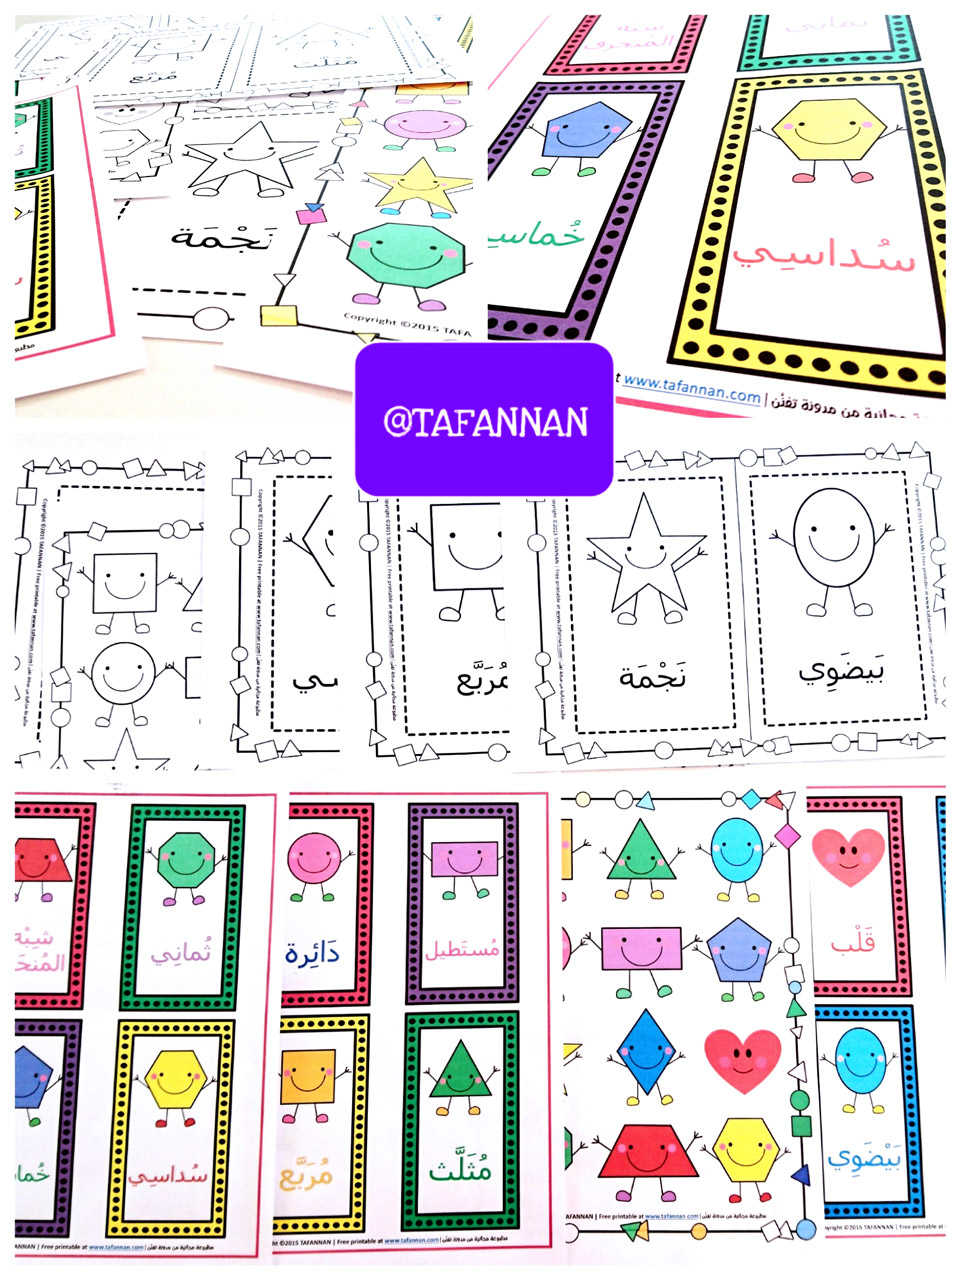 تفن ن فن ومرح بالعربي مطبوعة بطاقات الأشكال للصغار وتطبيق رموزة عليها